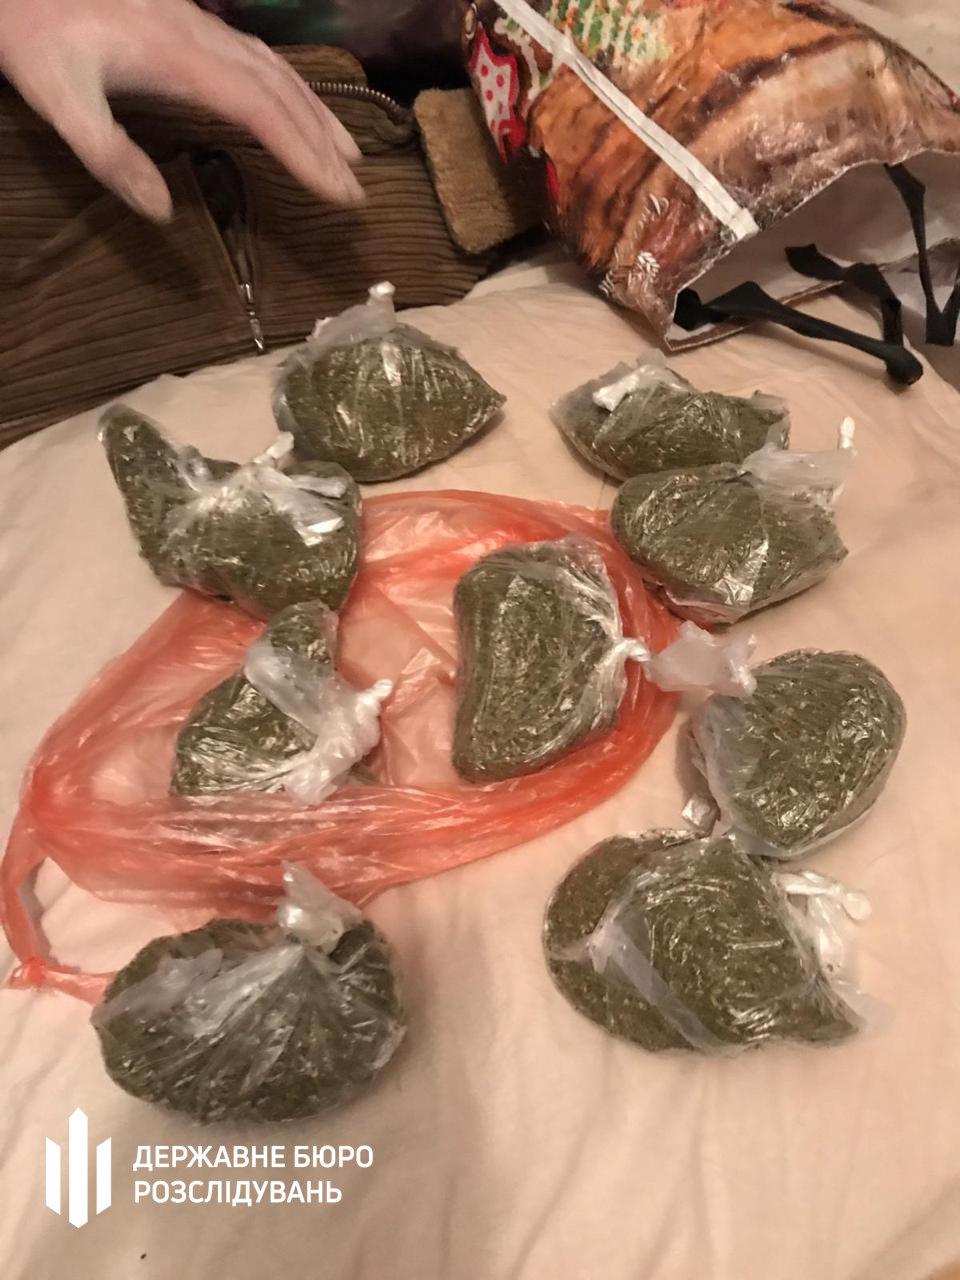 Посадовець Нацполіції продавав наркотики та фальсифікований алкоголь - хмельницькі правоохоронці (ФОТО), фото-13